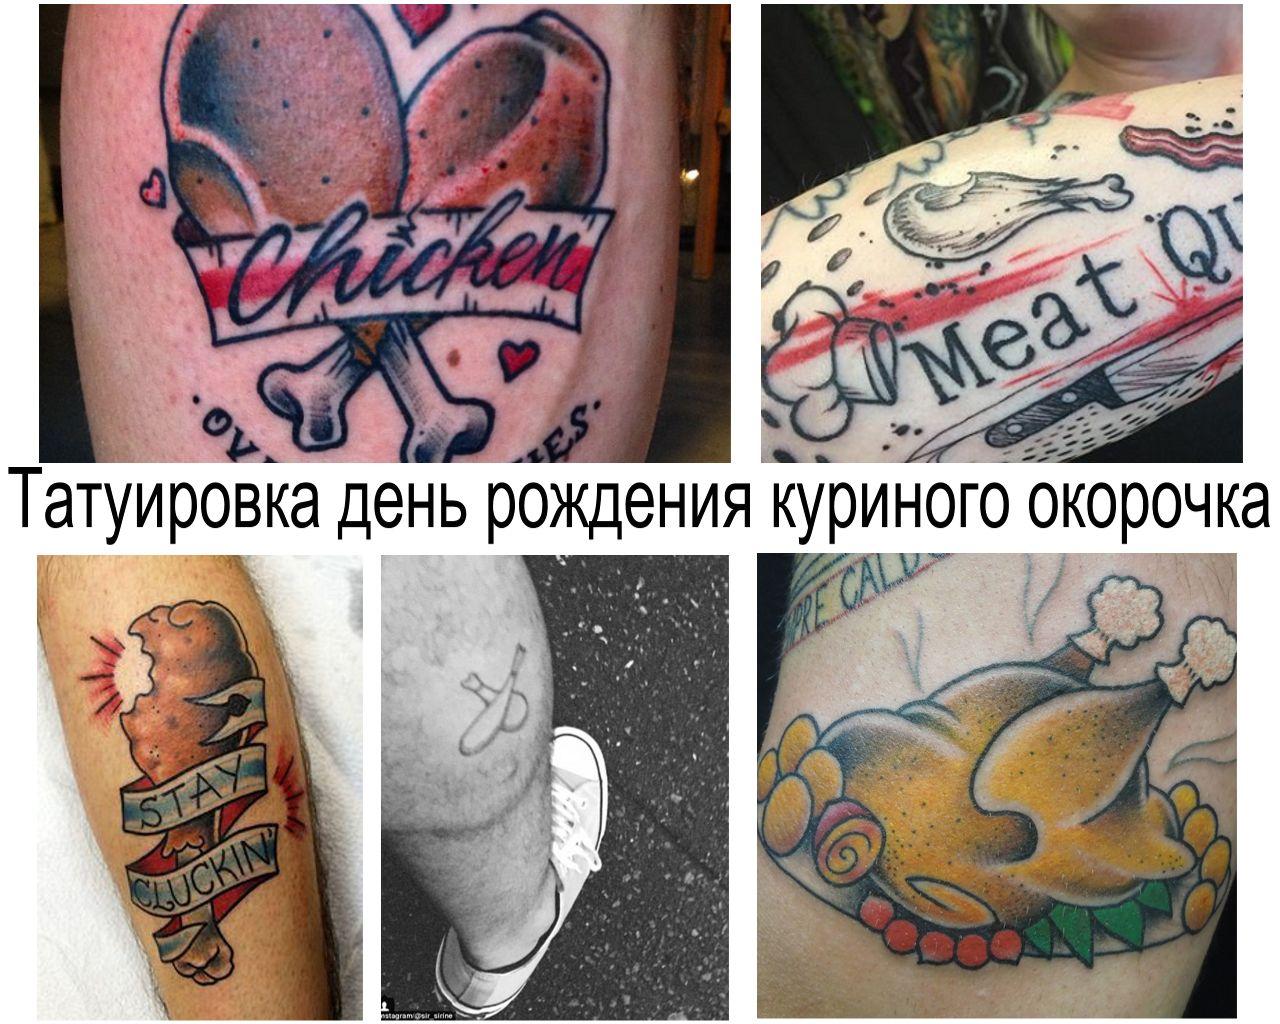 Татуировка с окорочком в день рождения куриного окорочка